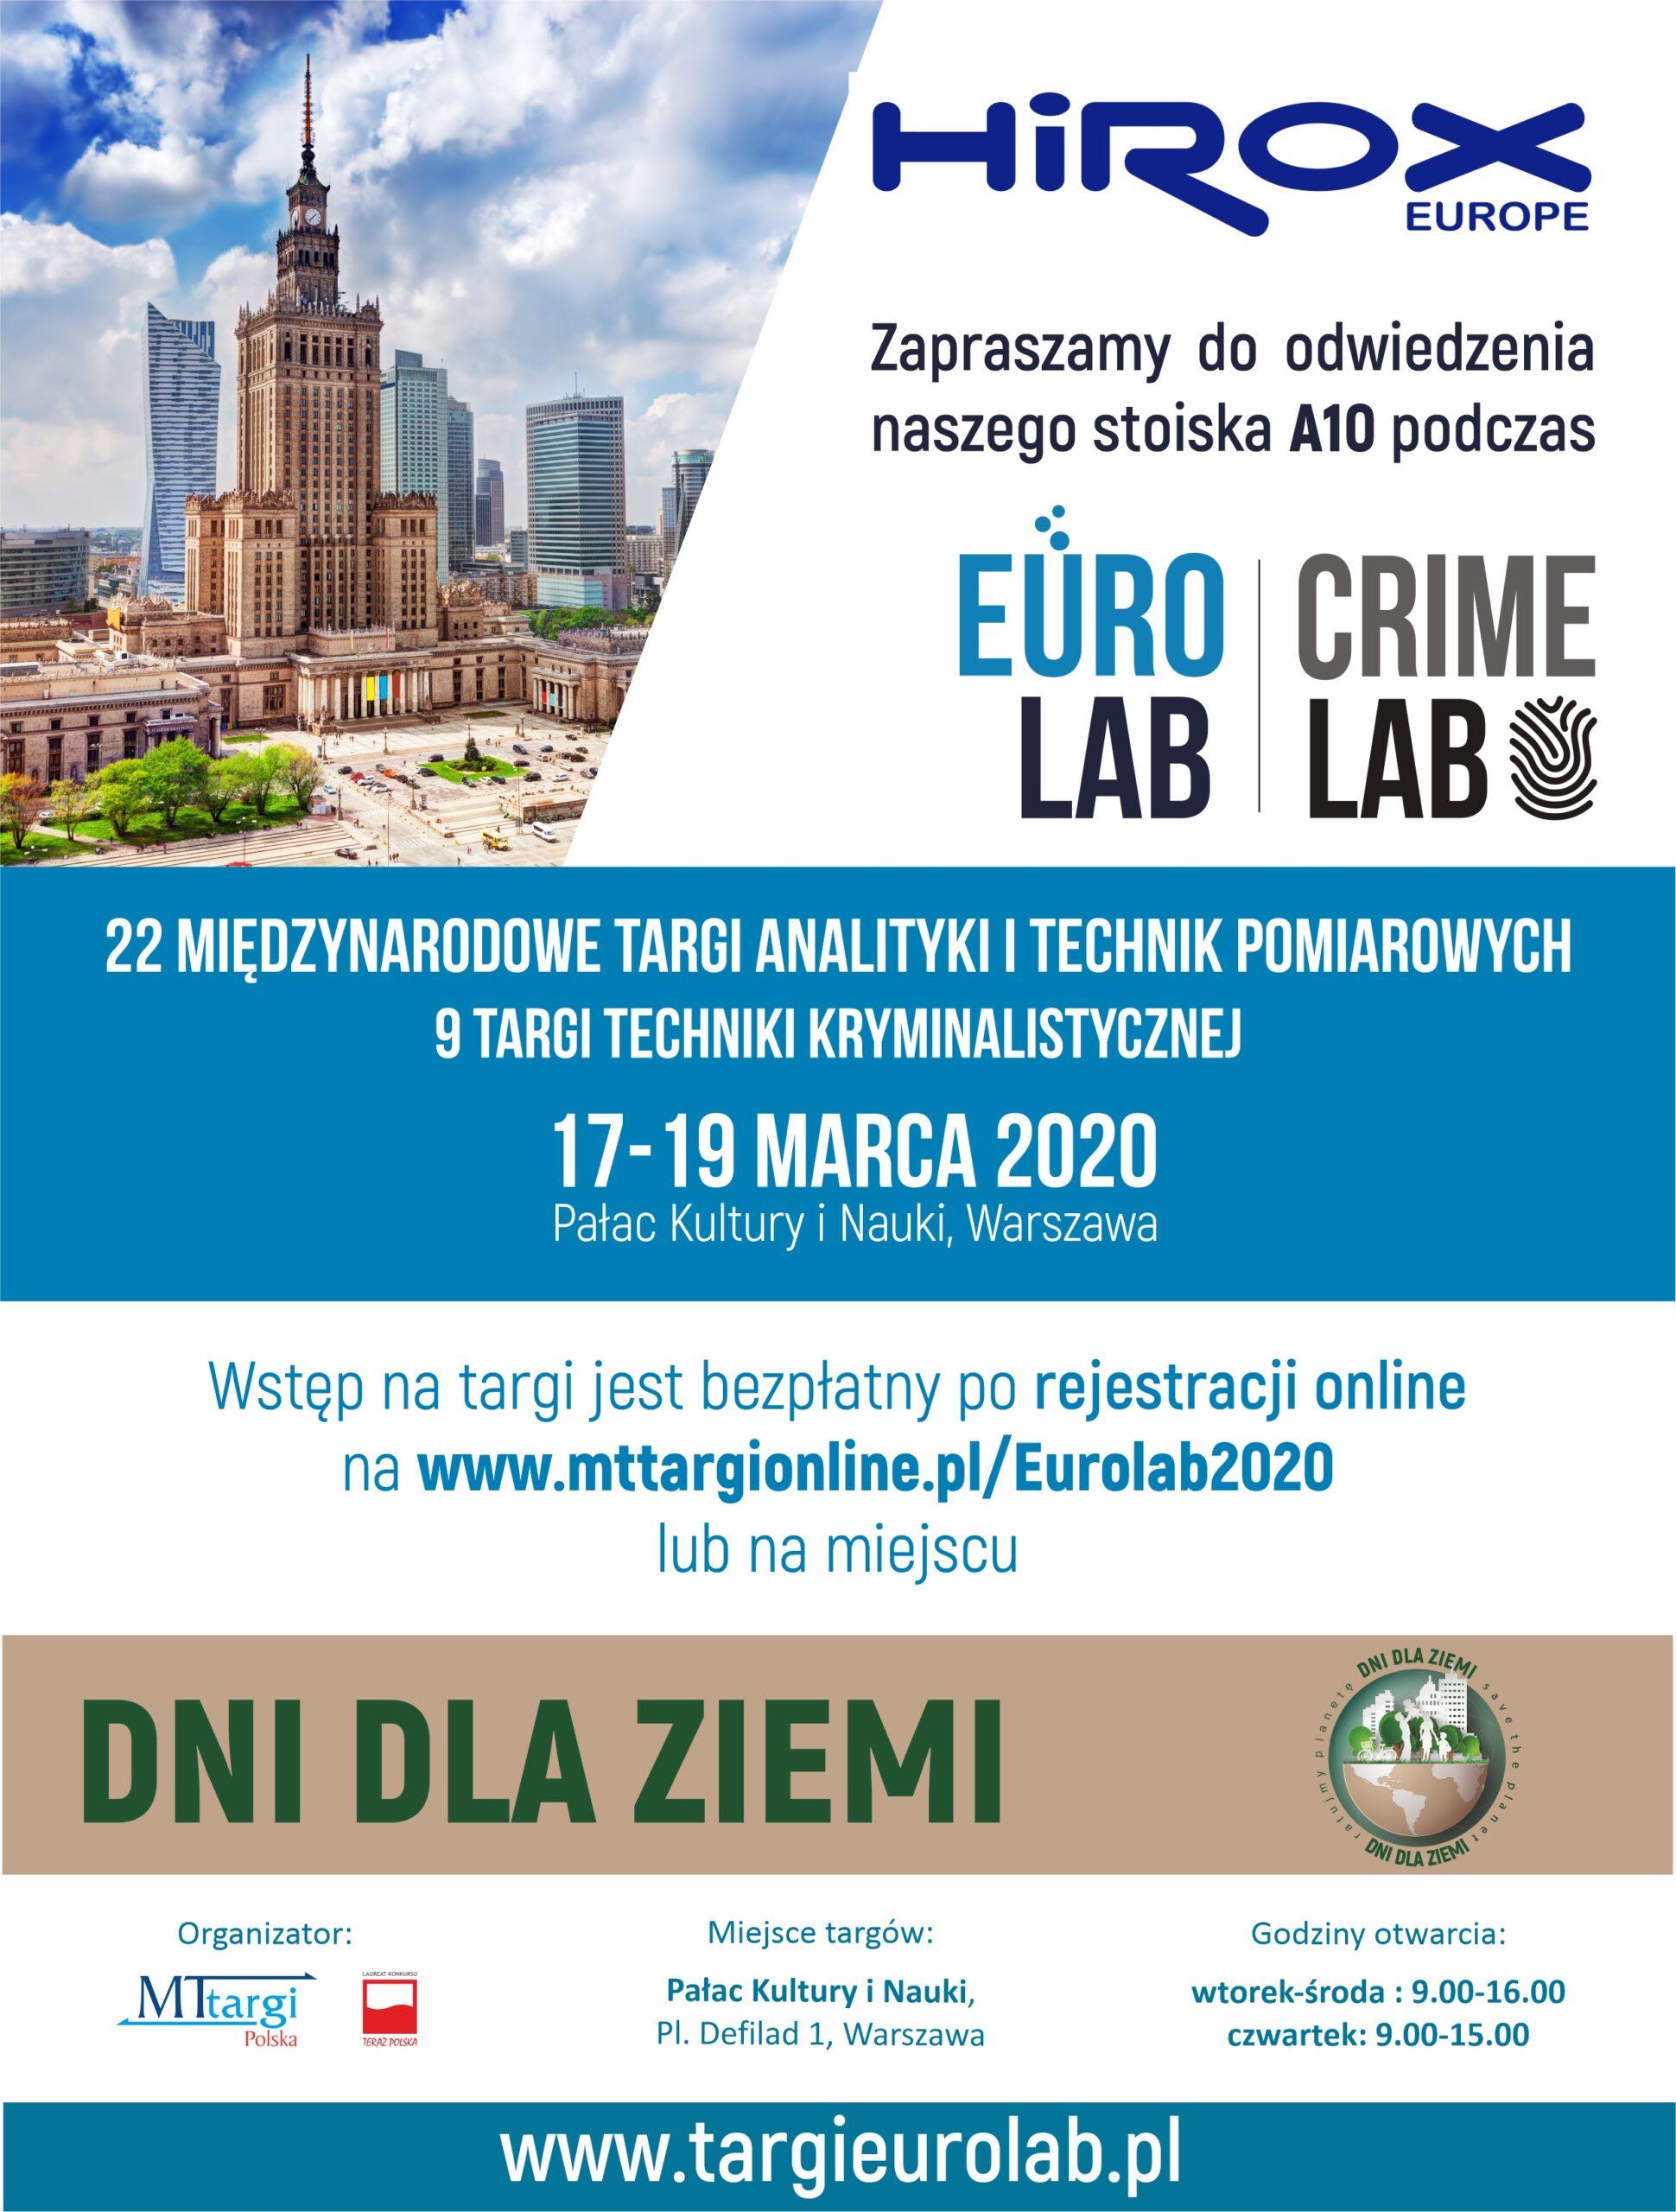 Eurolab 2020 odwołane – możliwa indywidualna prezentacja mikroskopów Hirox przez internet